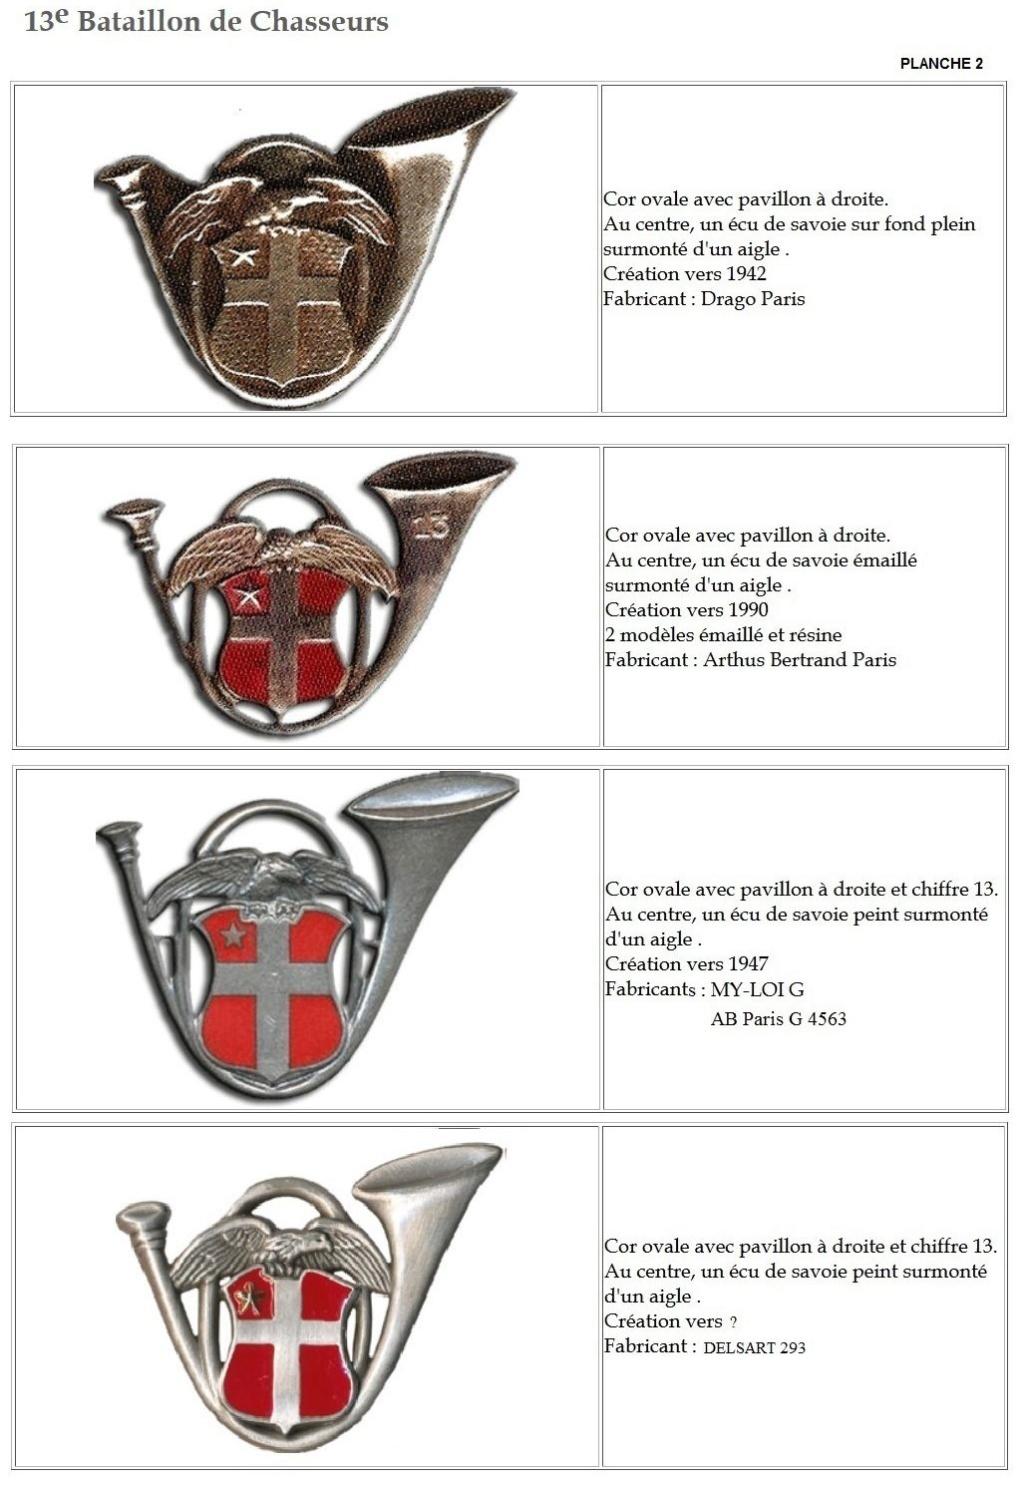 Les insignes de bataillons- Mise à jour... - Page 2 13e_pl25